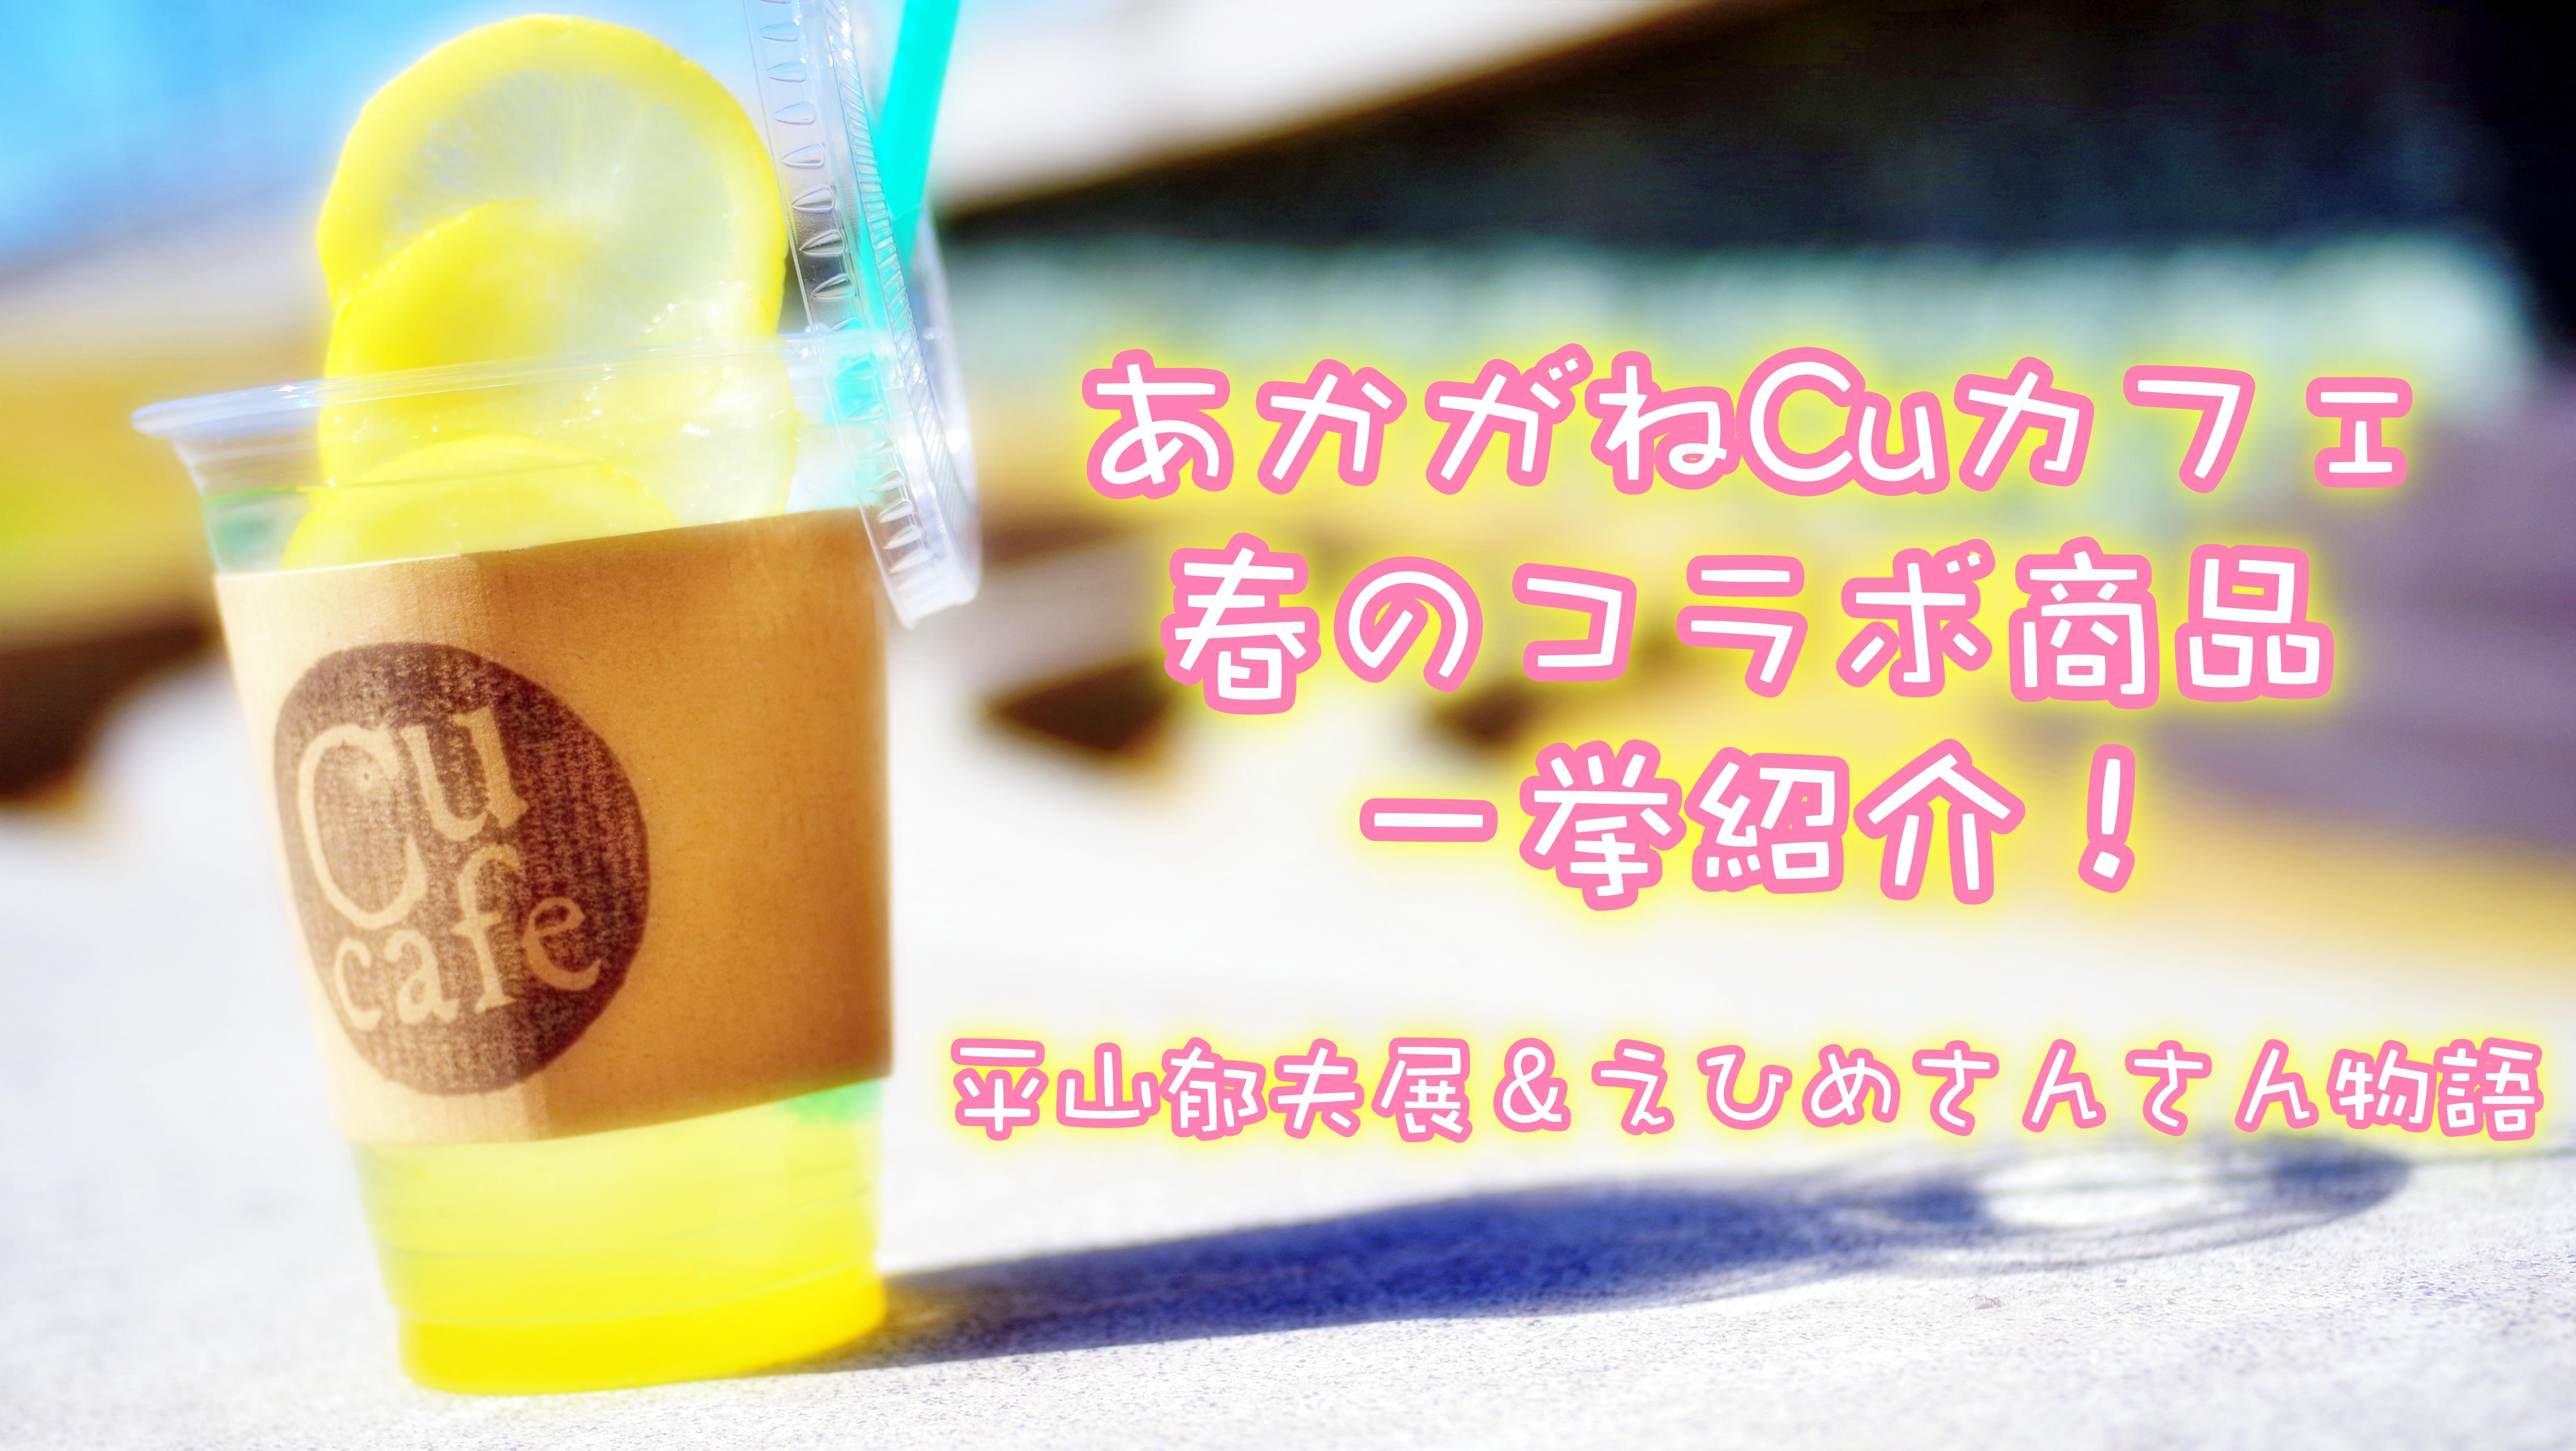 Cuカフェのコラボイベント!平山郁夫展&えひめさんさん物語!